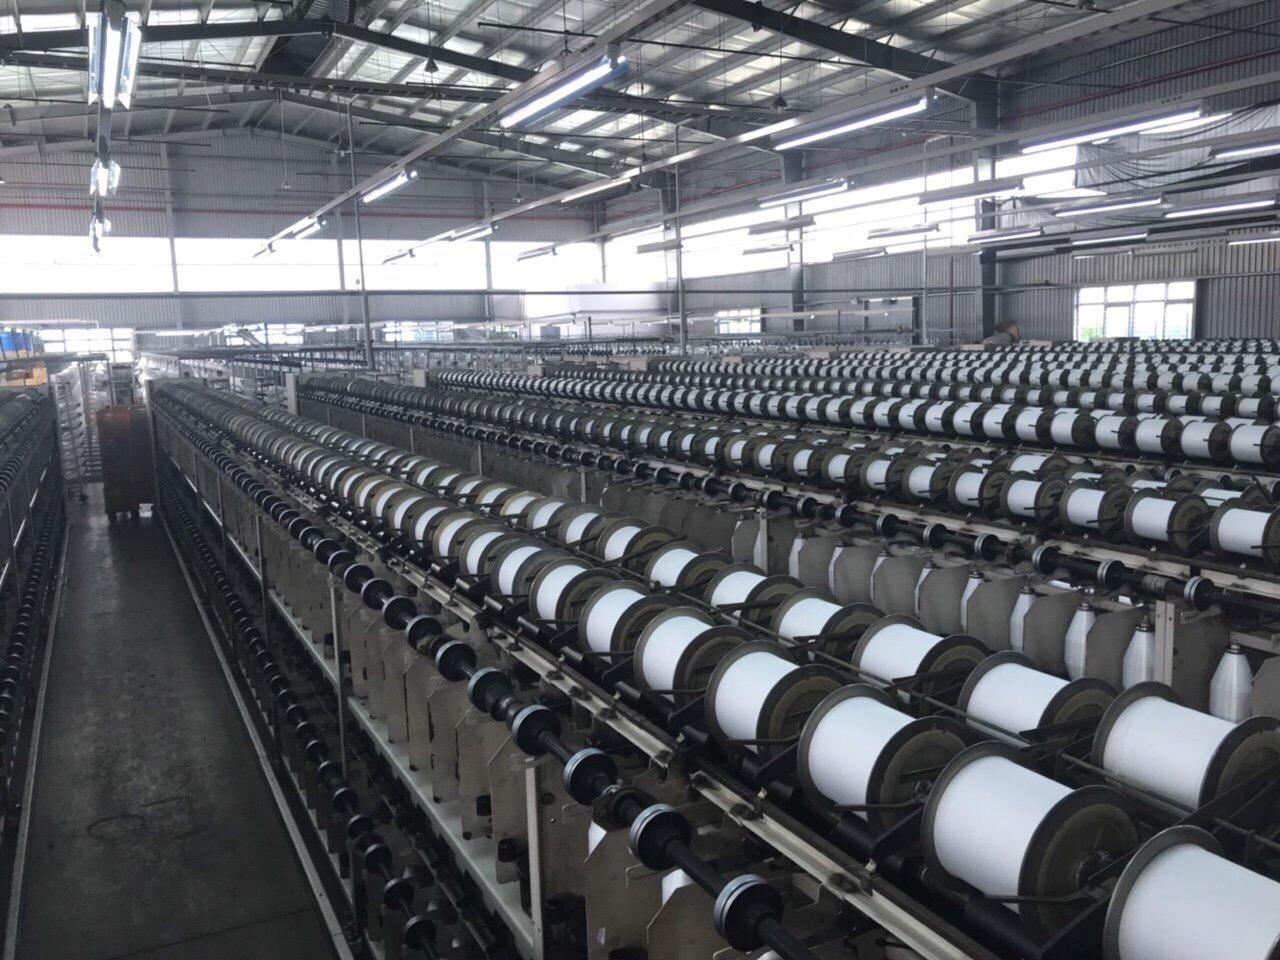 Lắp đặt biến tần 7.5kw 3p 380v cho hệ thống máy xe sợi